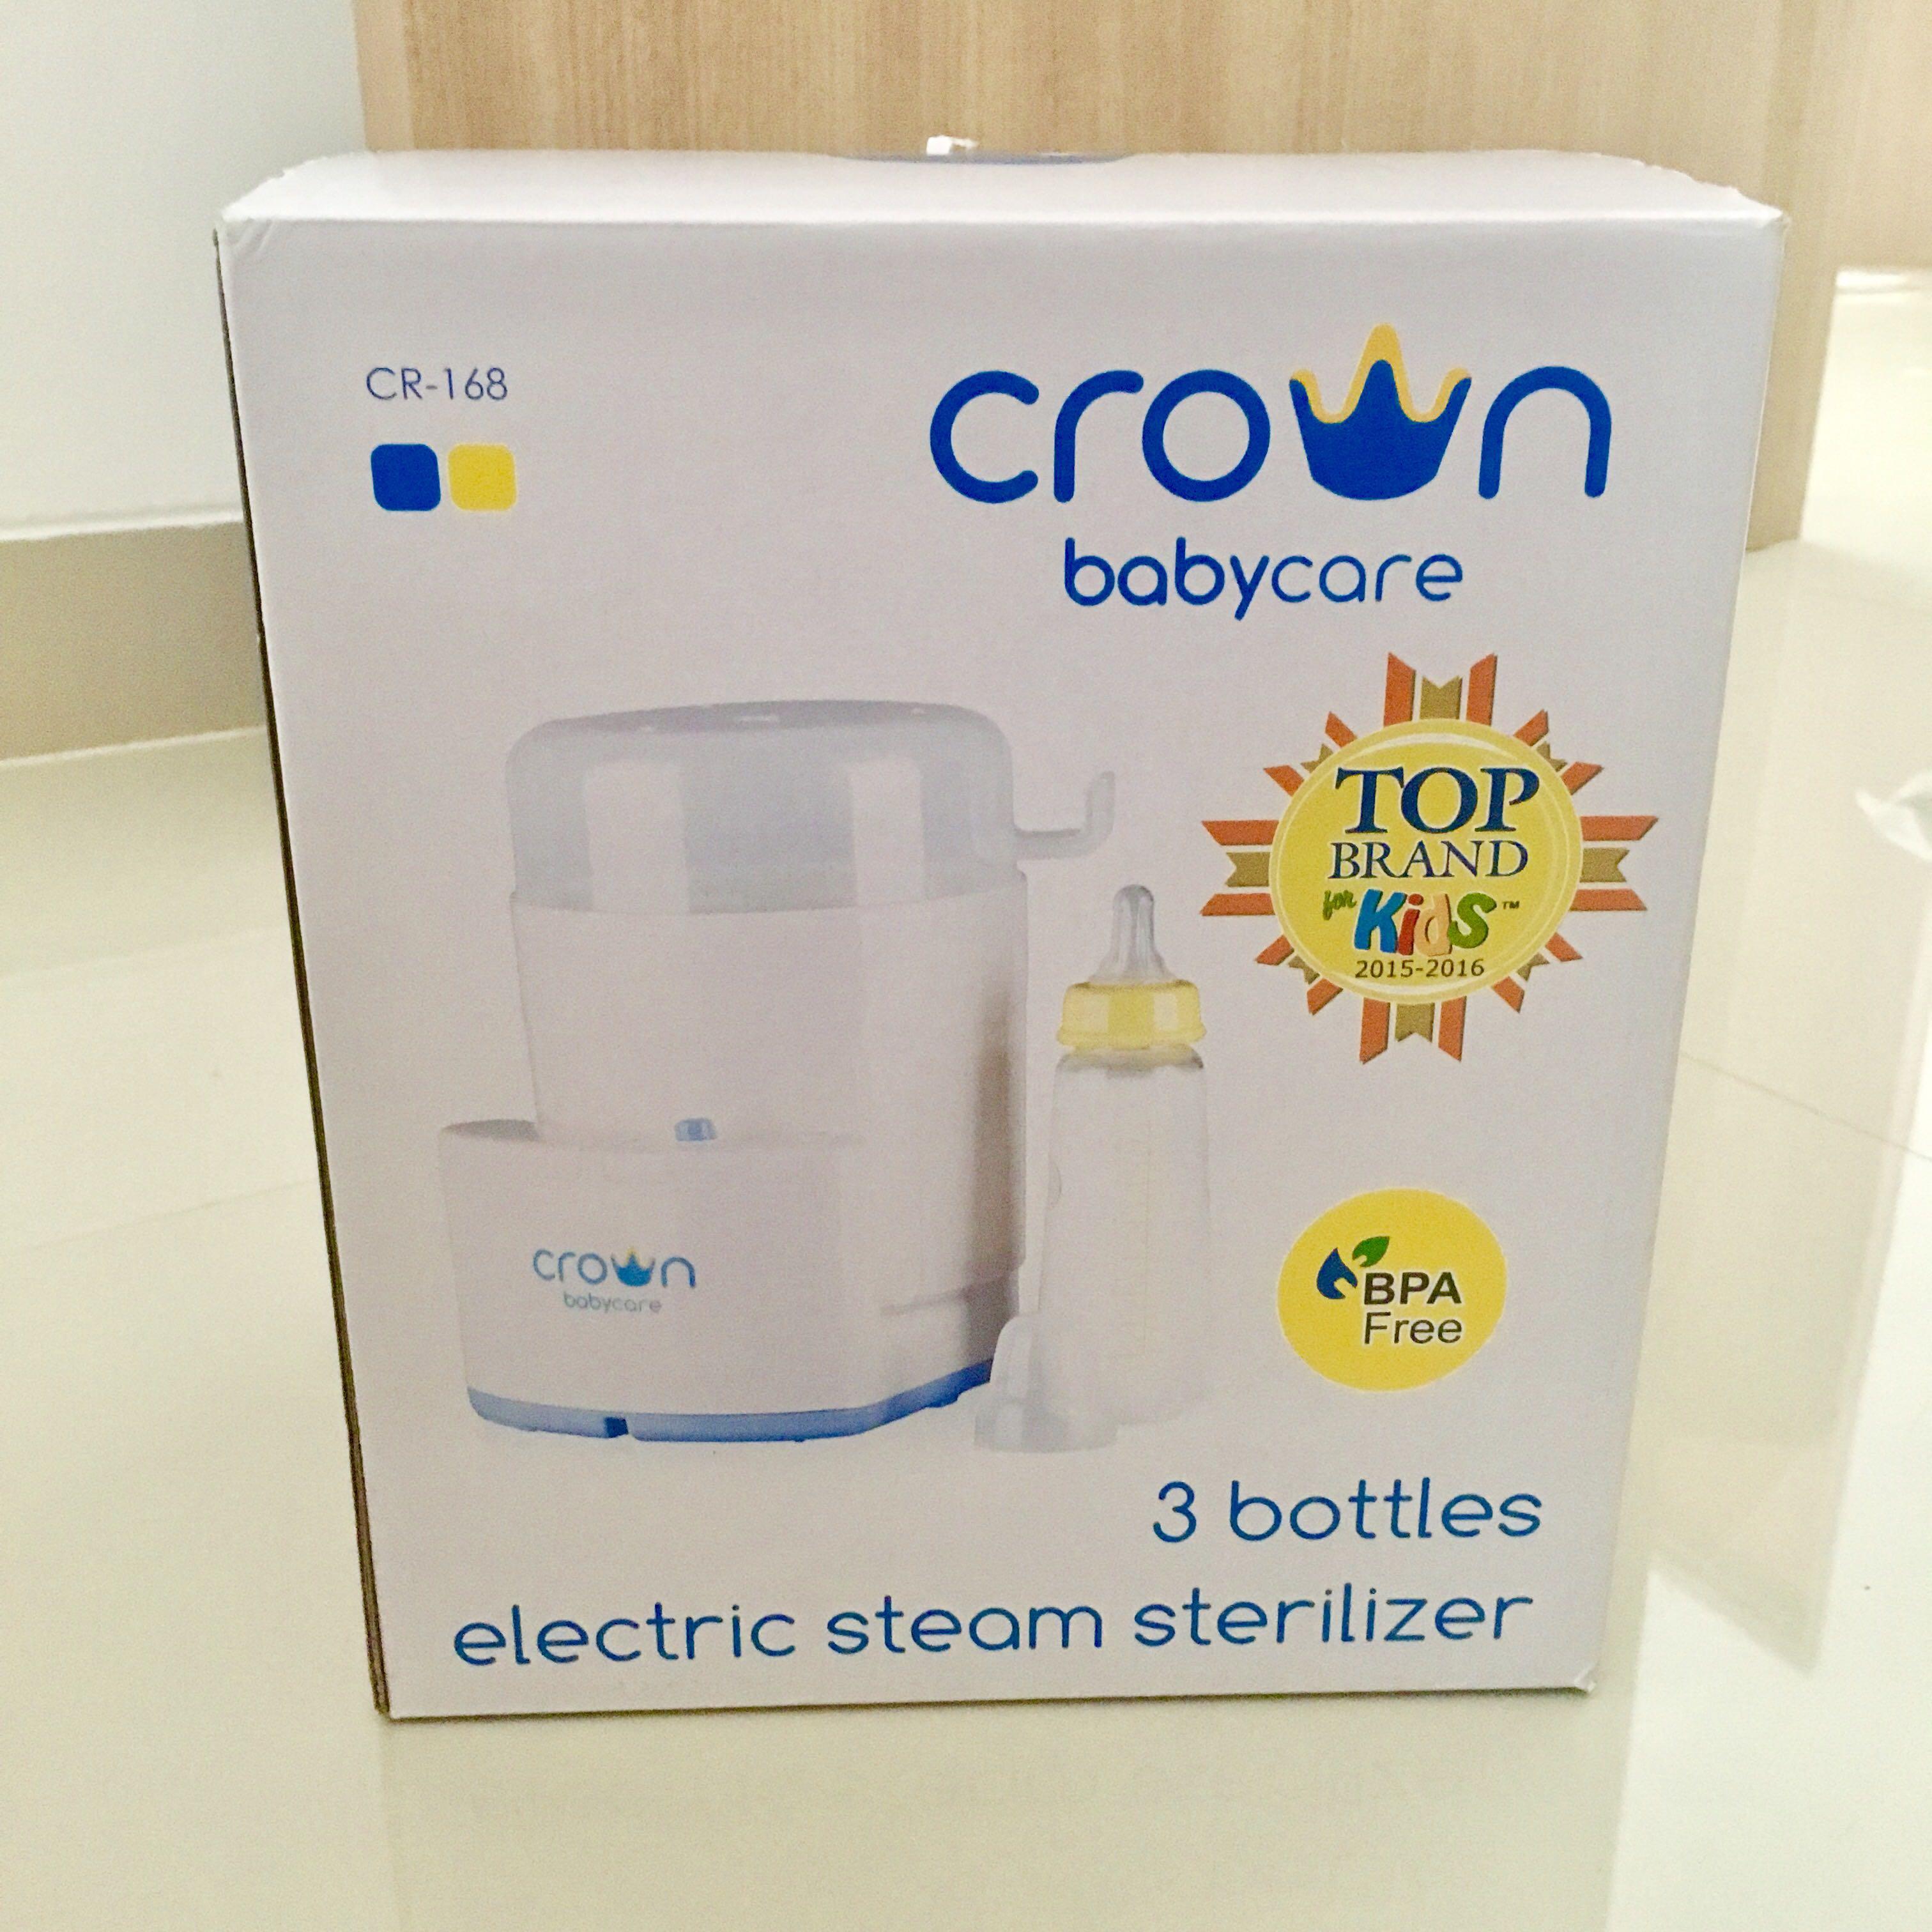 Crown 3 bottles electric steam sterilizer